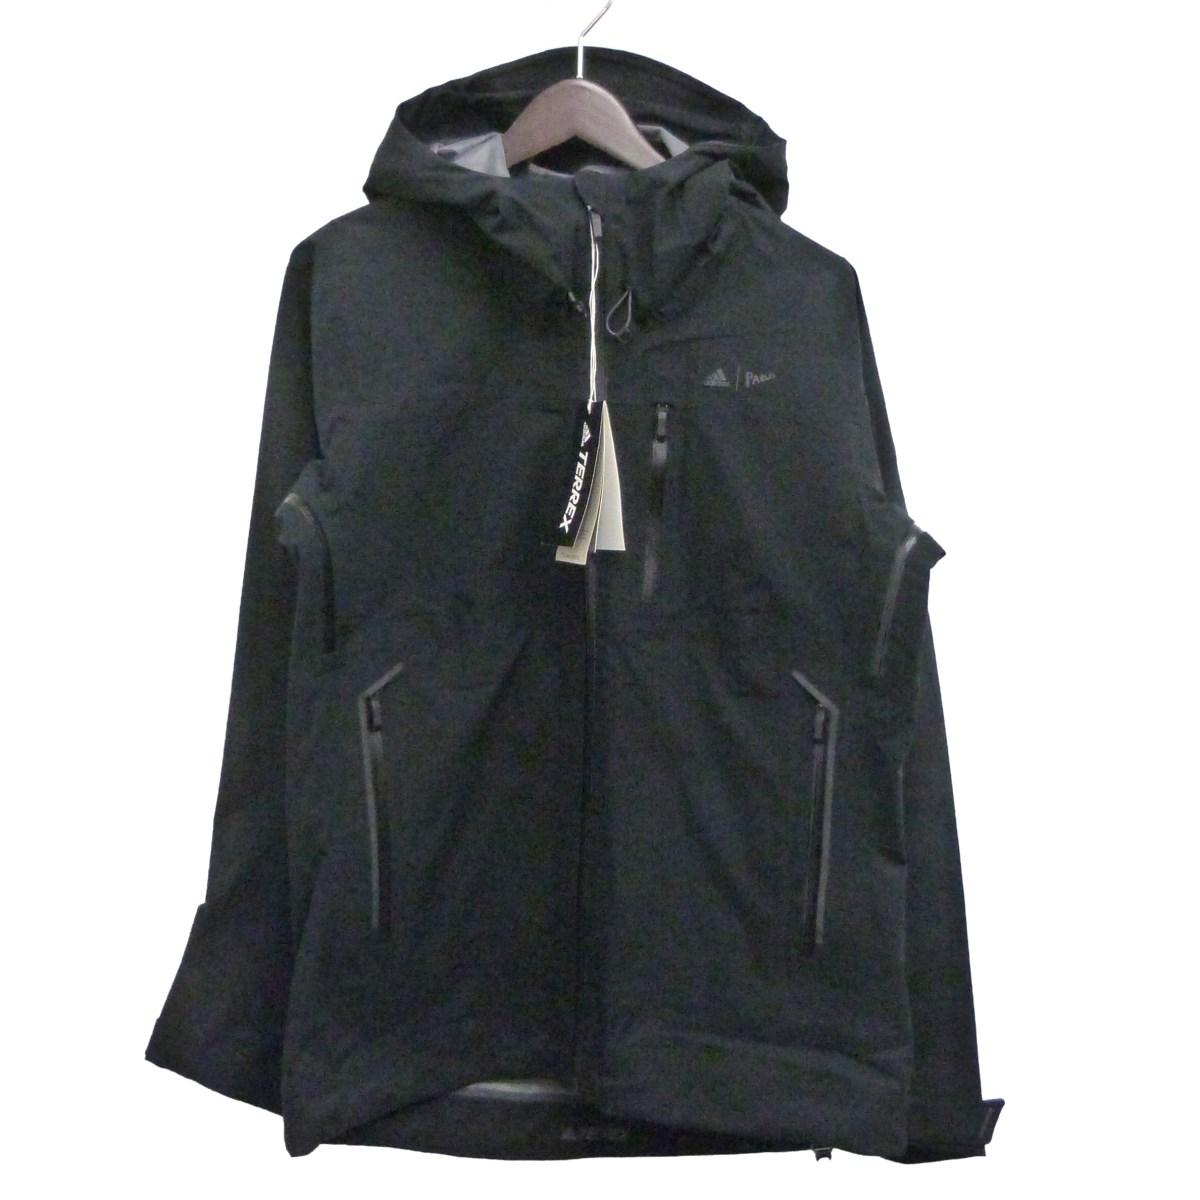 【中古】adidas×PARLEY 19AW「Climaproof 3L Jacket」TERREXクライマプルーフジャケット ブラック サイズ:M 【291219】(アディダス×パーレイ)